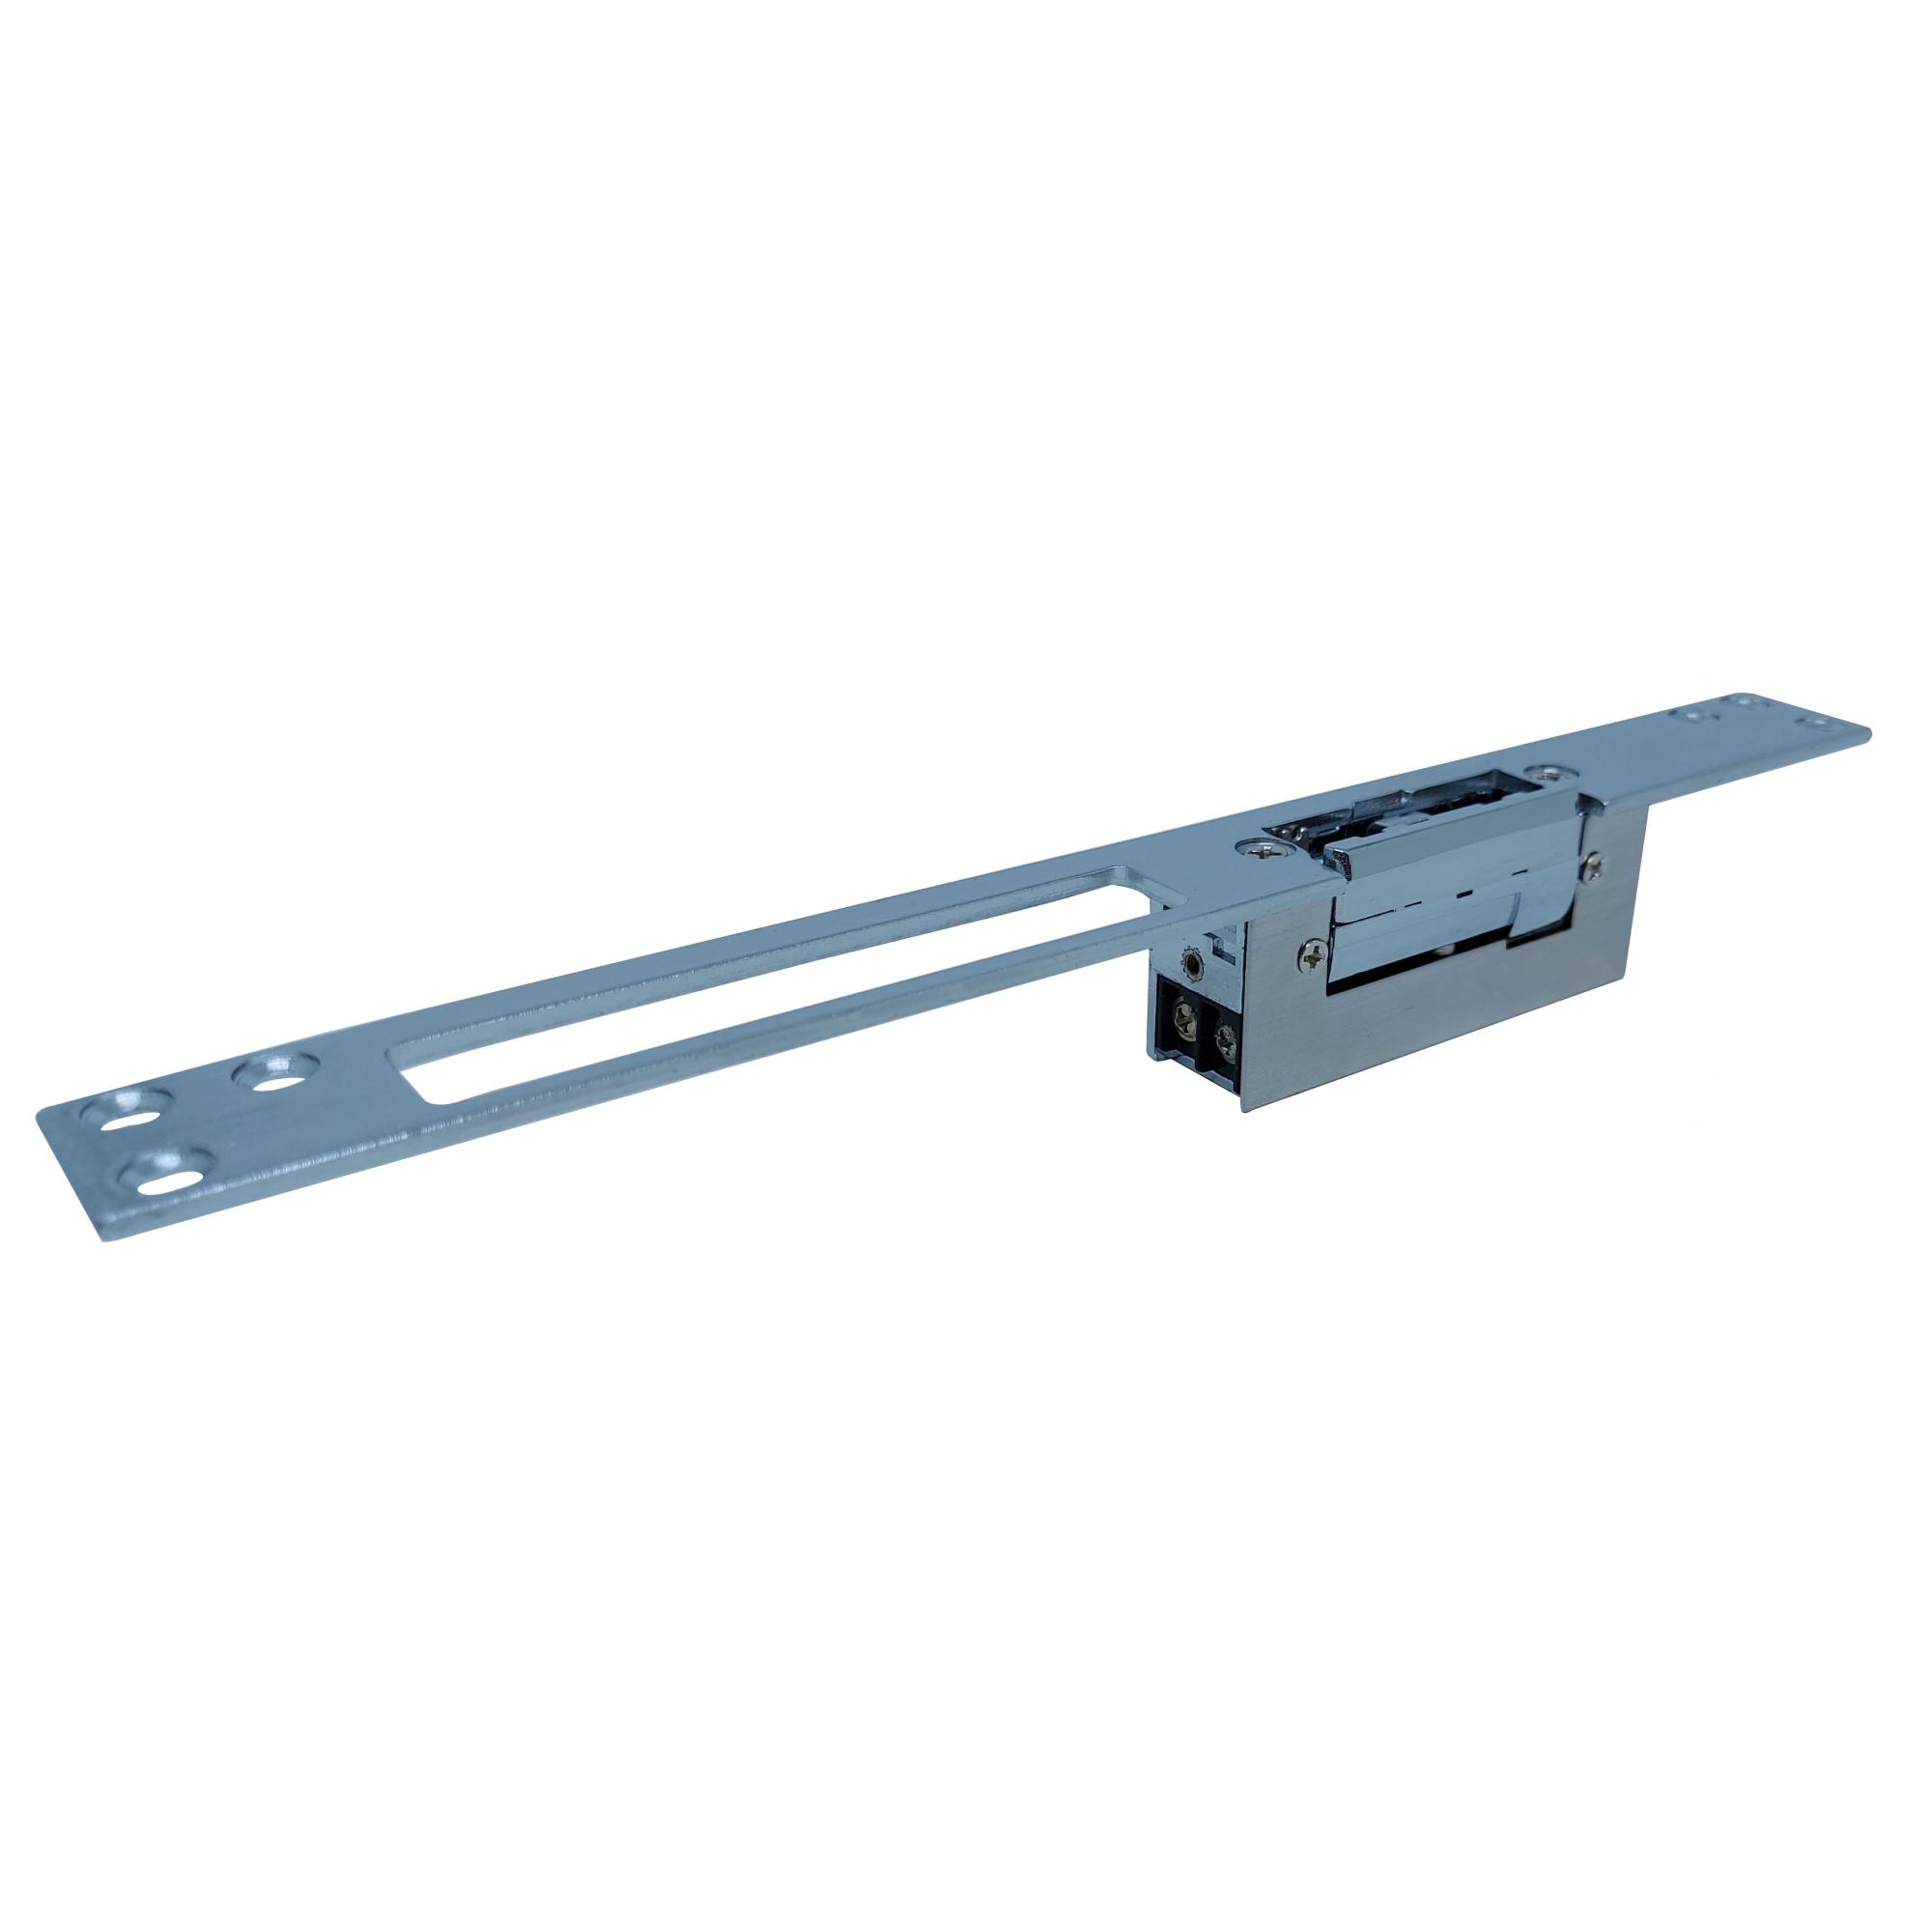 Fecho Elétrico - Magnético Longo - 40096